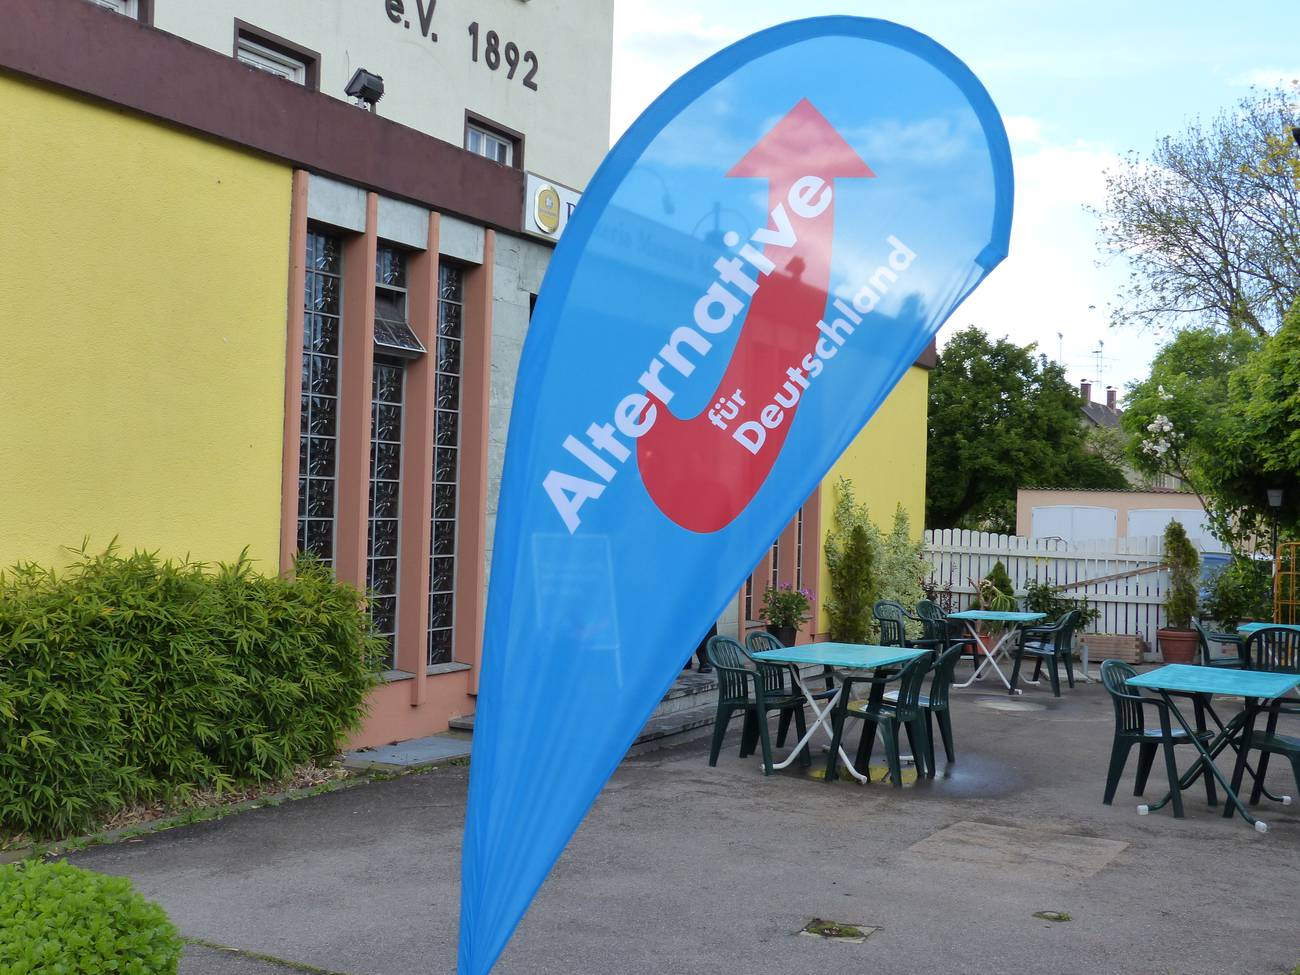 Populismo de derecha en Alemania  Un desafío para la socialdemocracia